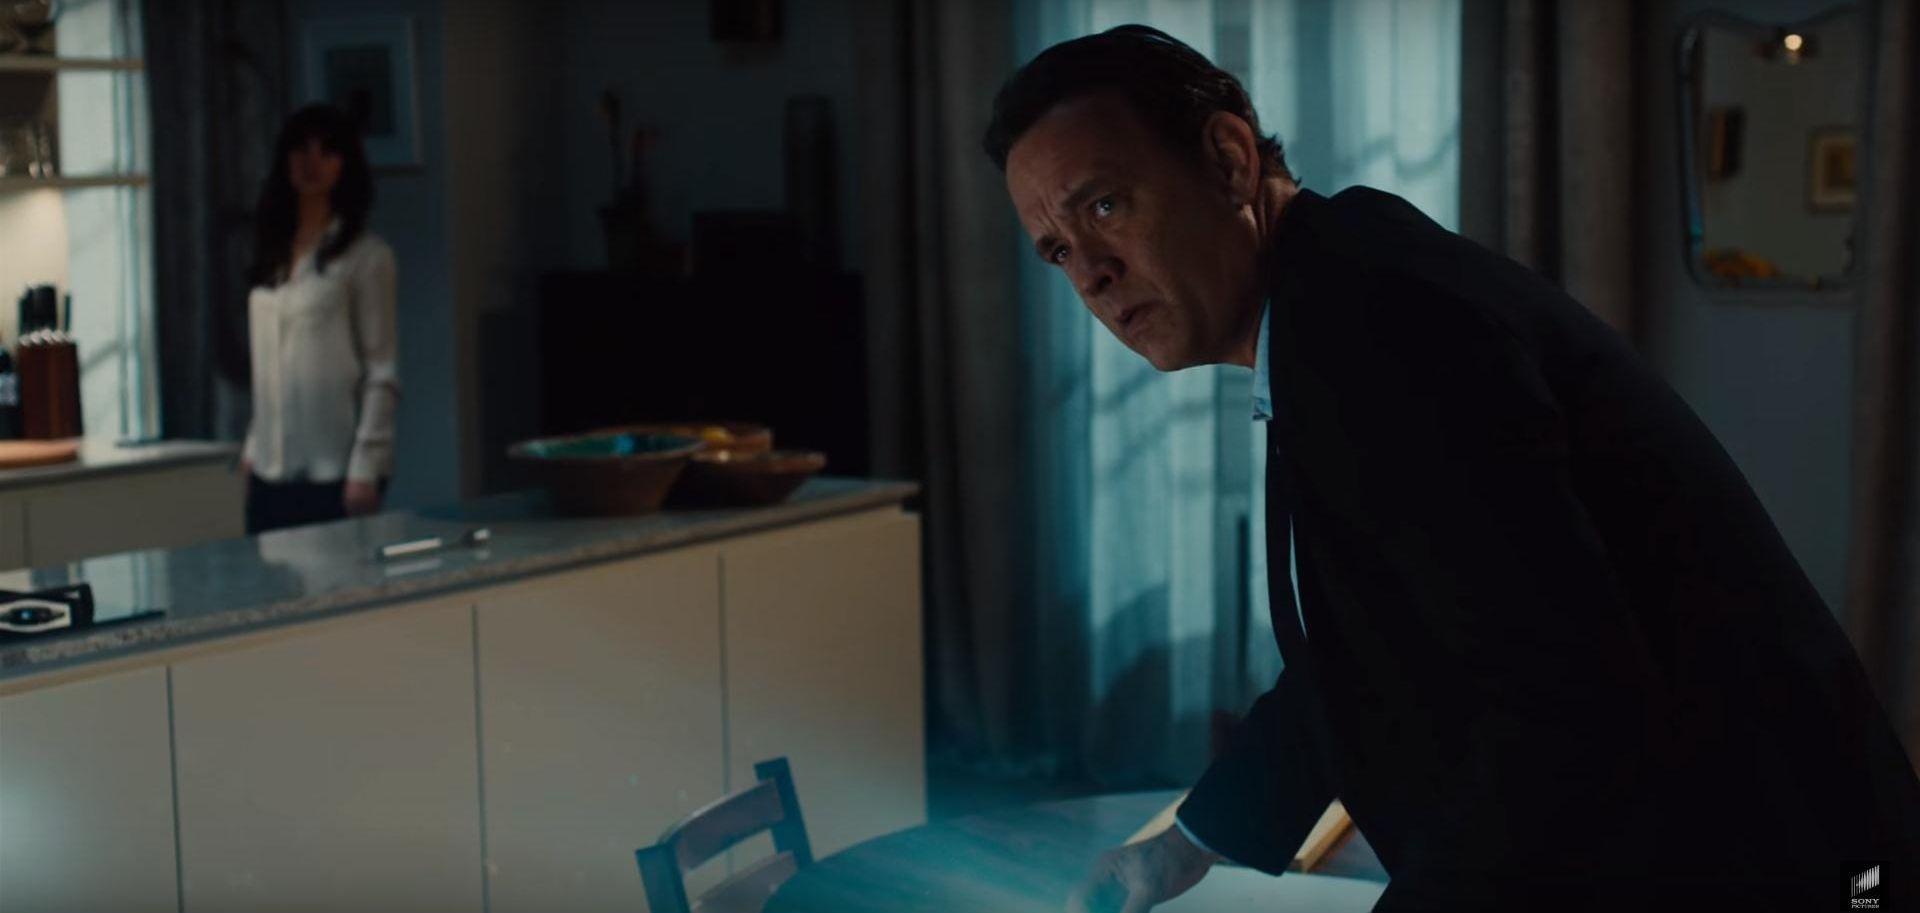 VIDEO: POVRATAK ROBERTA LANGDONA Nova najava za uzbudljivi film 'Inferno'